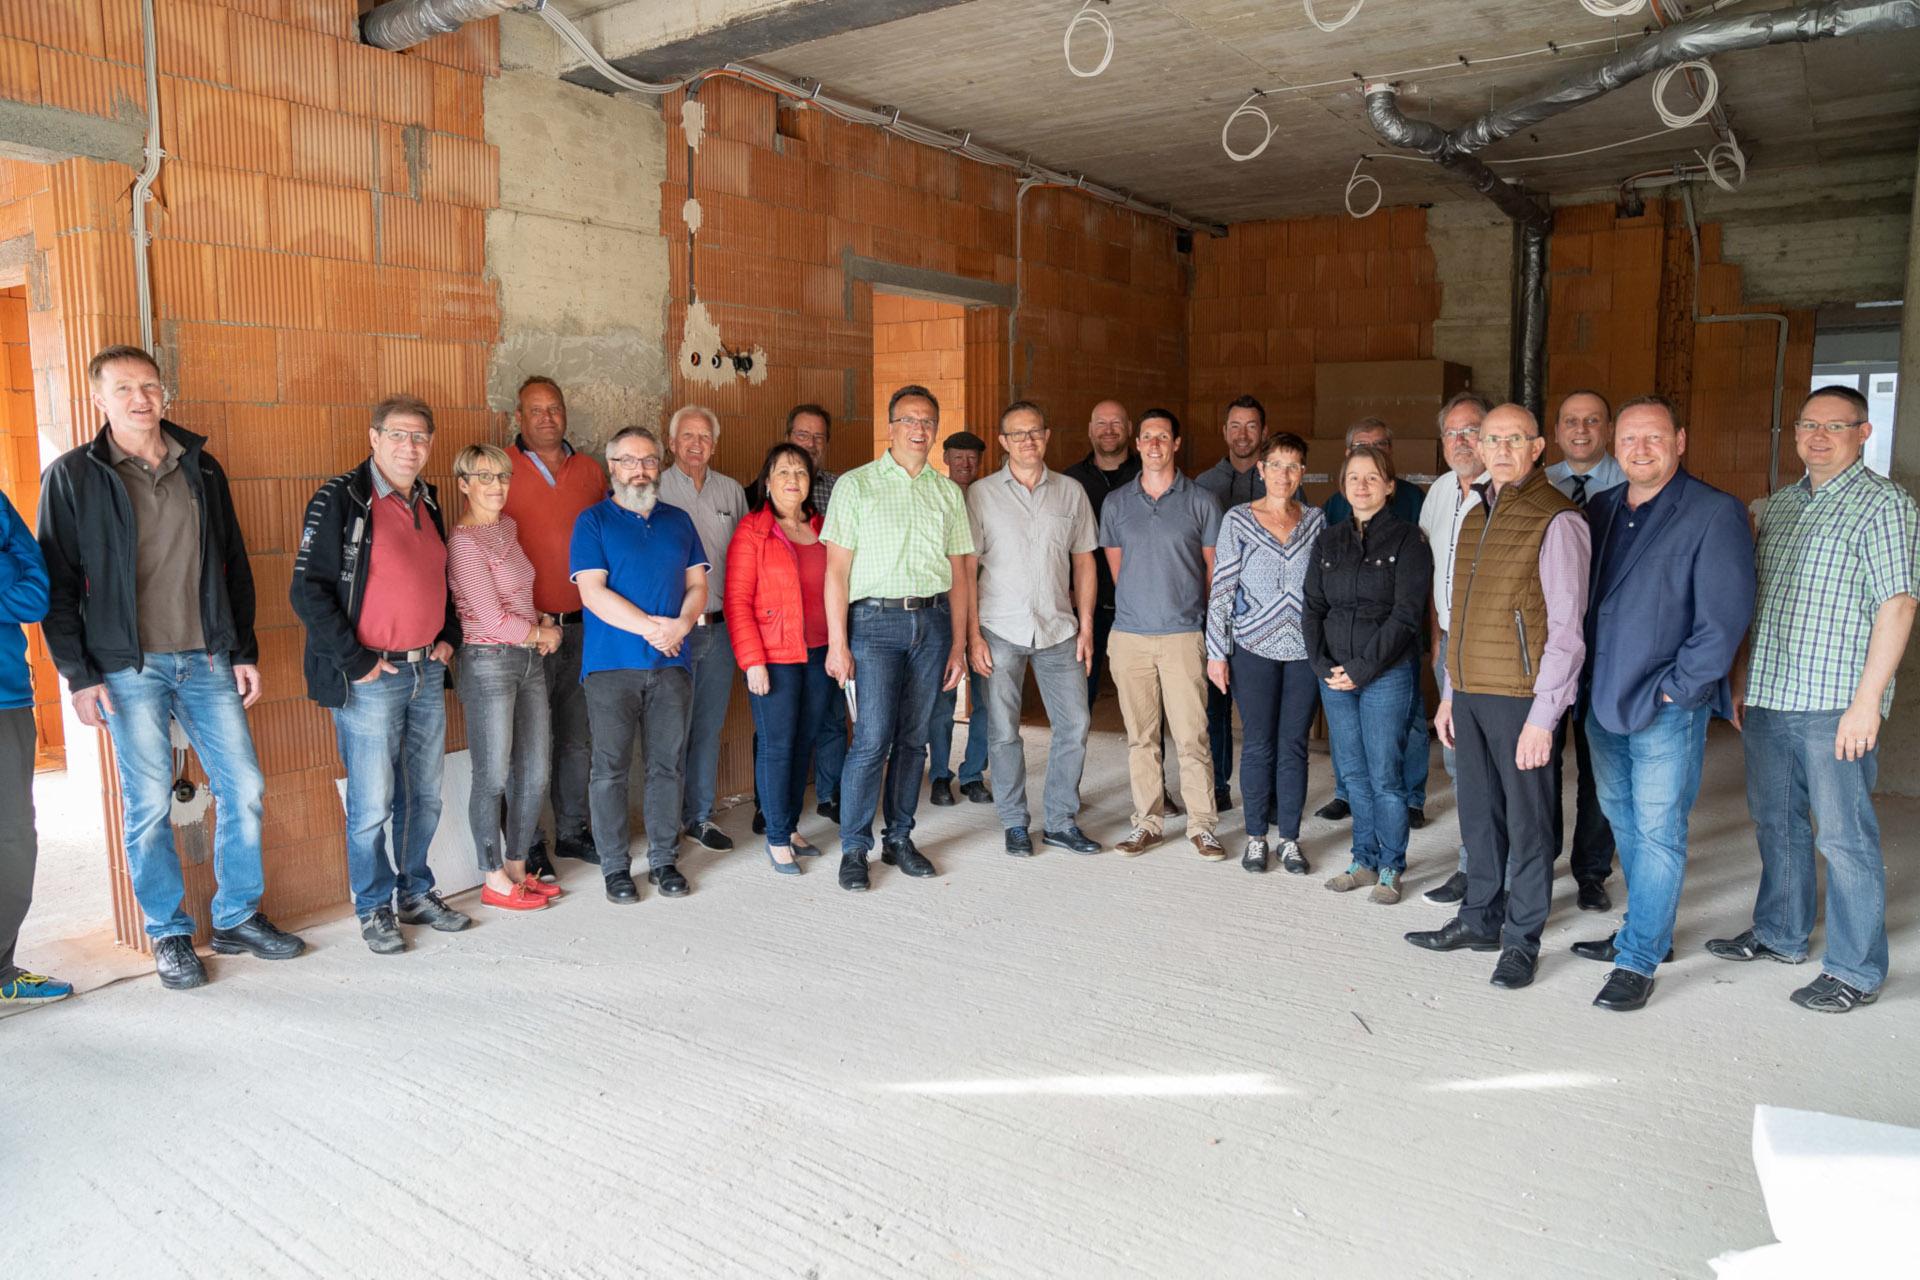 FWG Brohltal Weibern Besichtigung Baustelle Seniorenzentrum Elisabeth Haus 2019